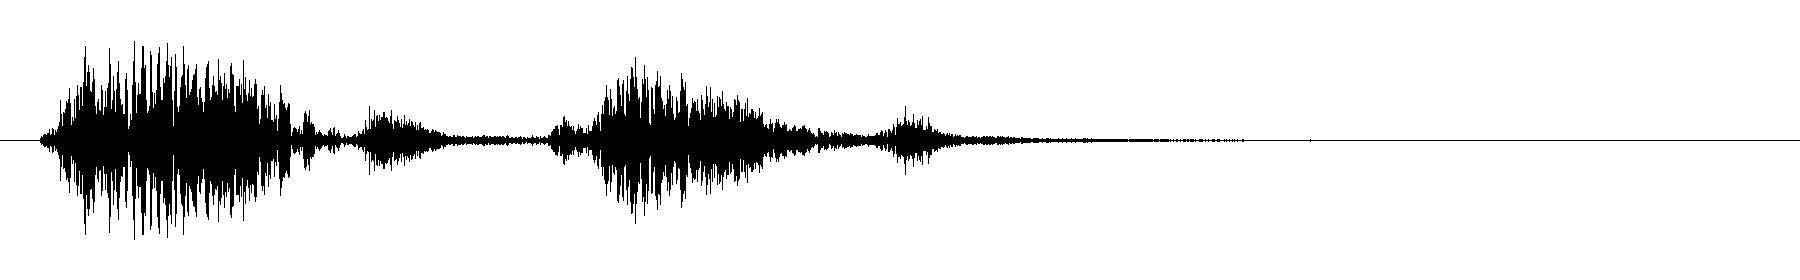 vocoder 1   output